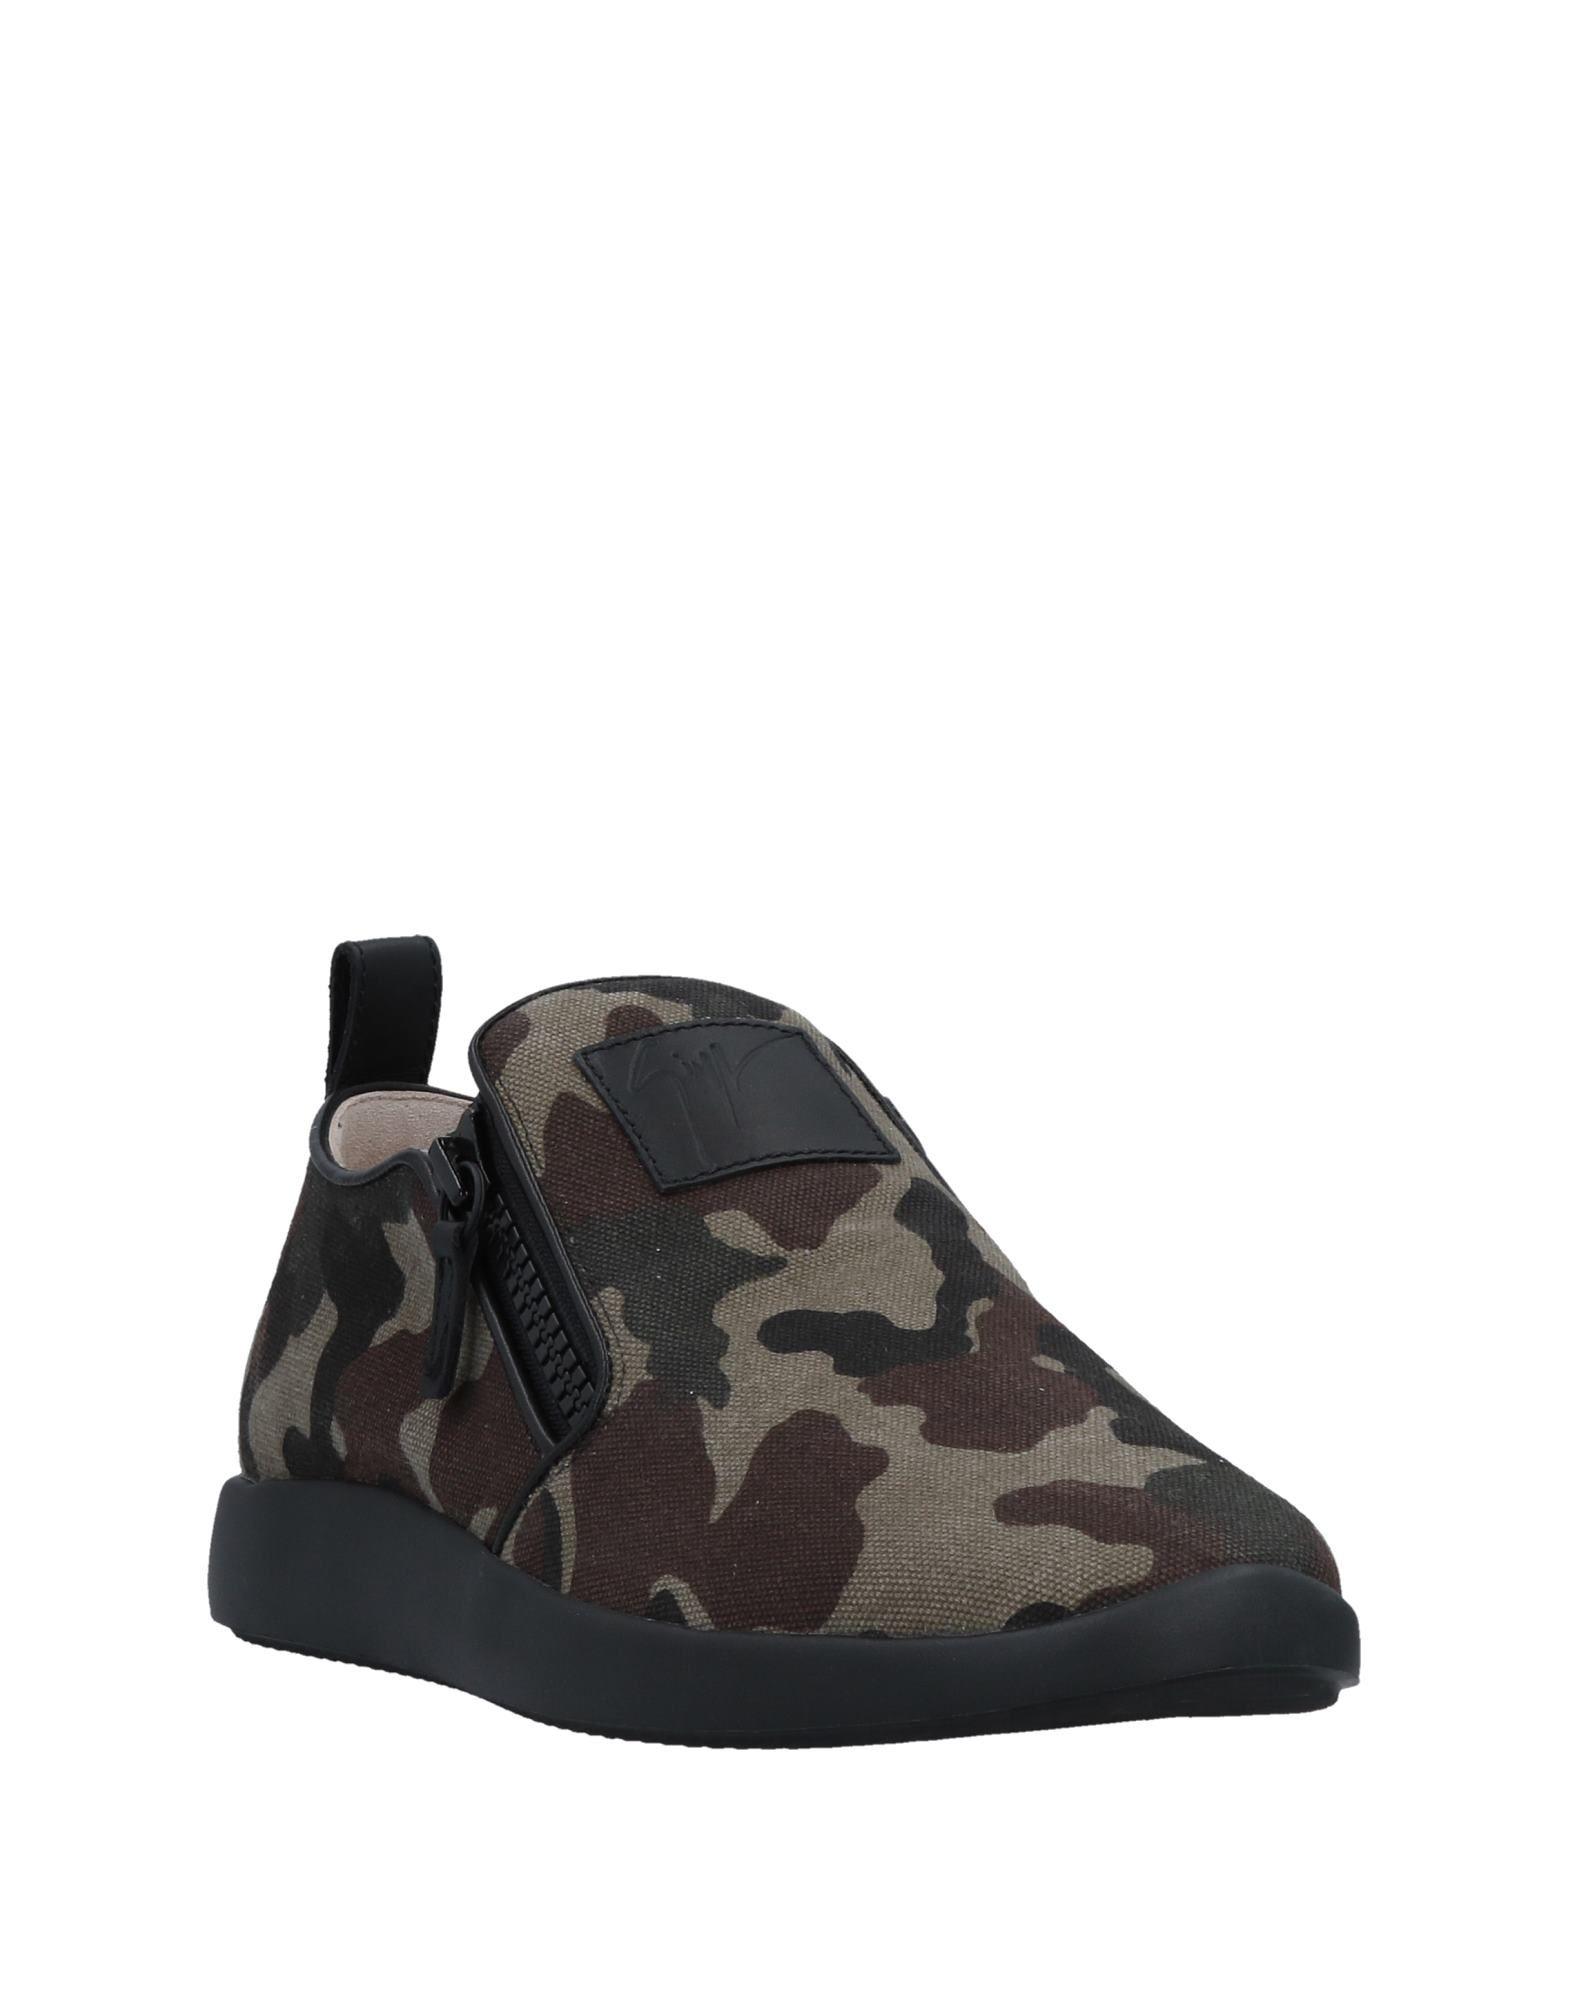 Giuseppe Zanotti Sneakers Herren  Schuhe 11510478AV Gute Qualität beliebte Schuhe  29f95c